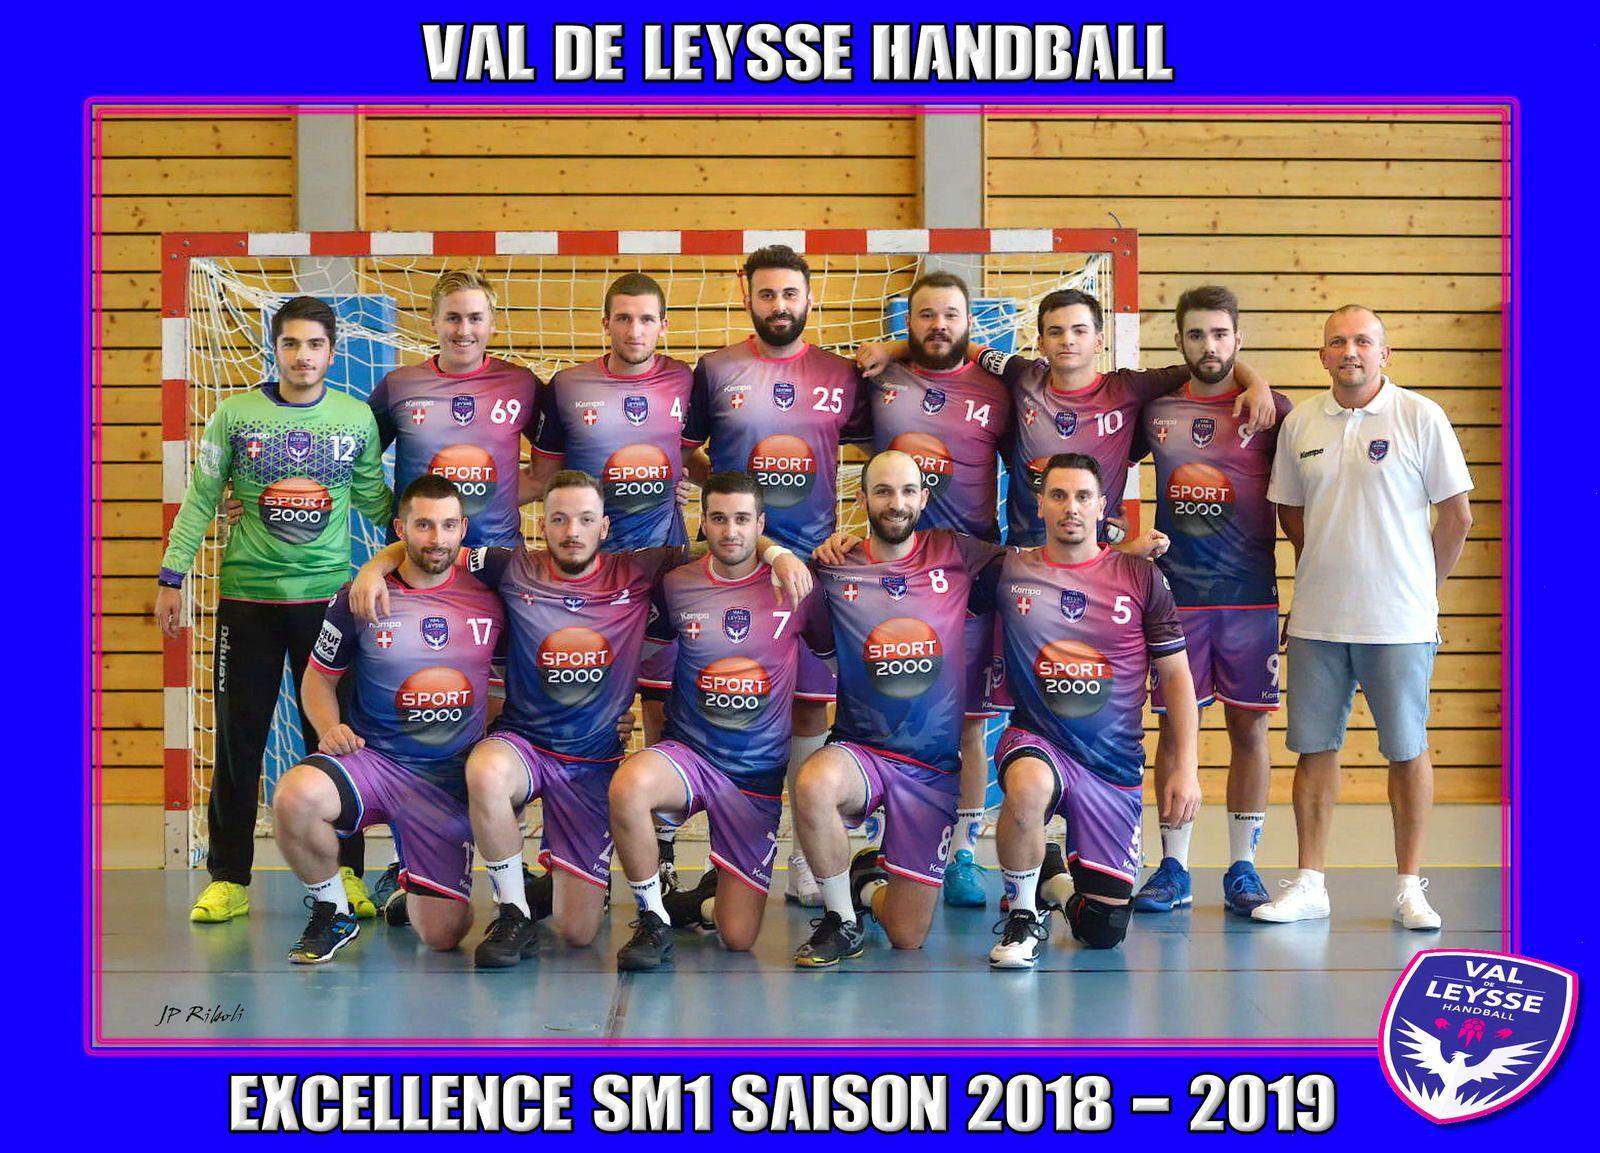 Excellence SM1 VAL de LEYSSE reçoit HANDBALL BOURG ce samedi 10 novembre à 21 heures